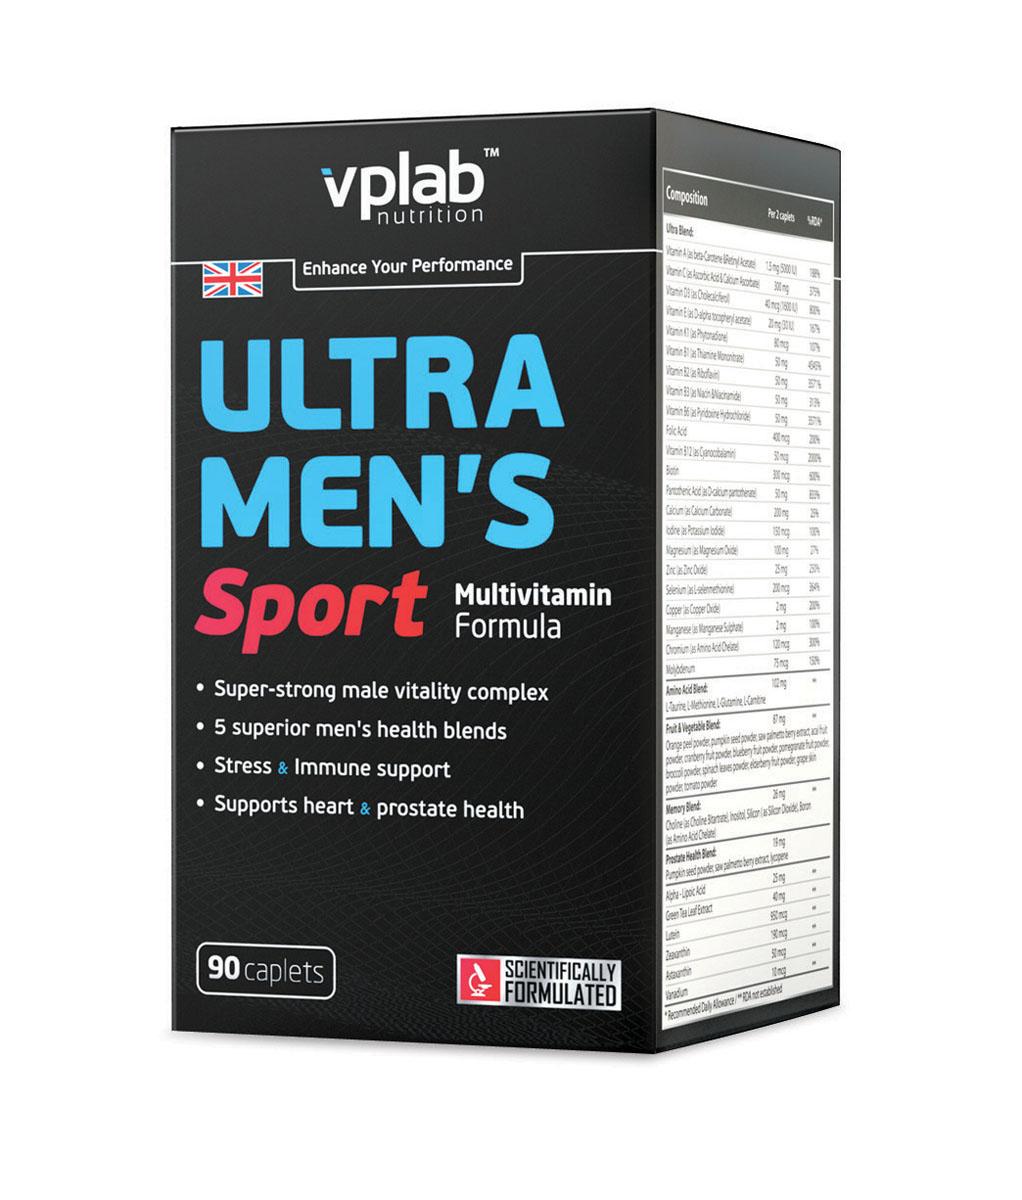 Витаминно-минеральный комплекс для мужчин Vplab Ultra Men's Sport Multivitamin Formula, 90 капсул ultra womens витамины vplab инструкция